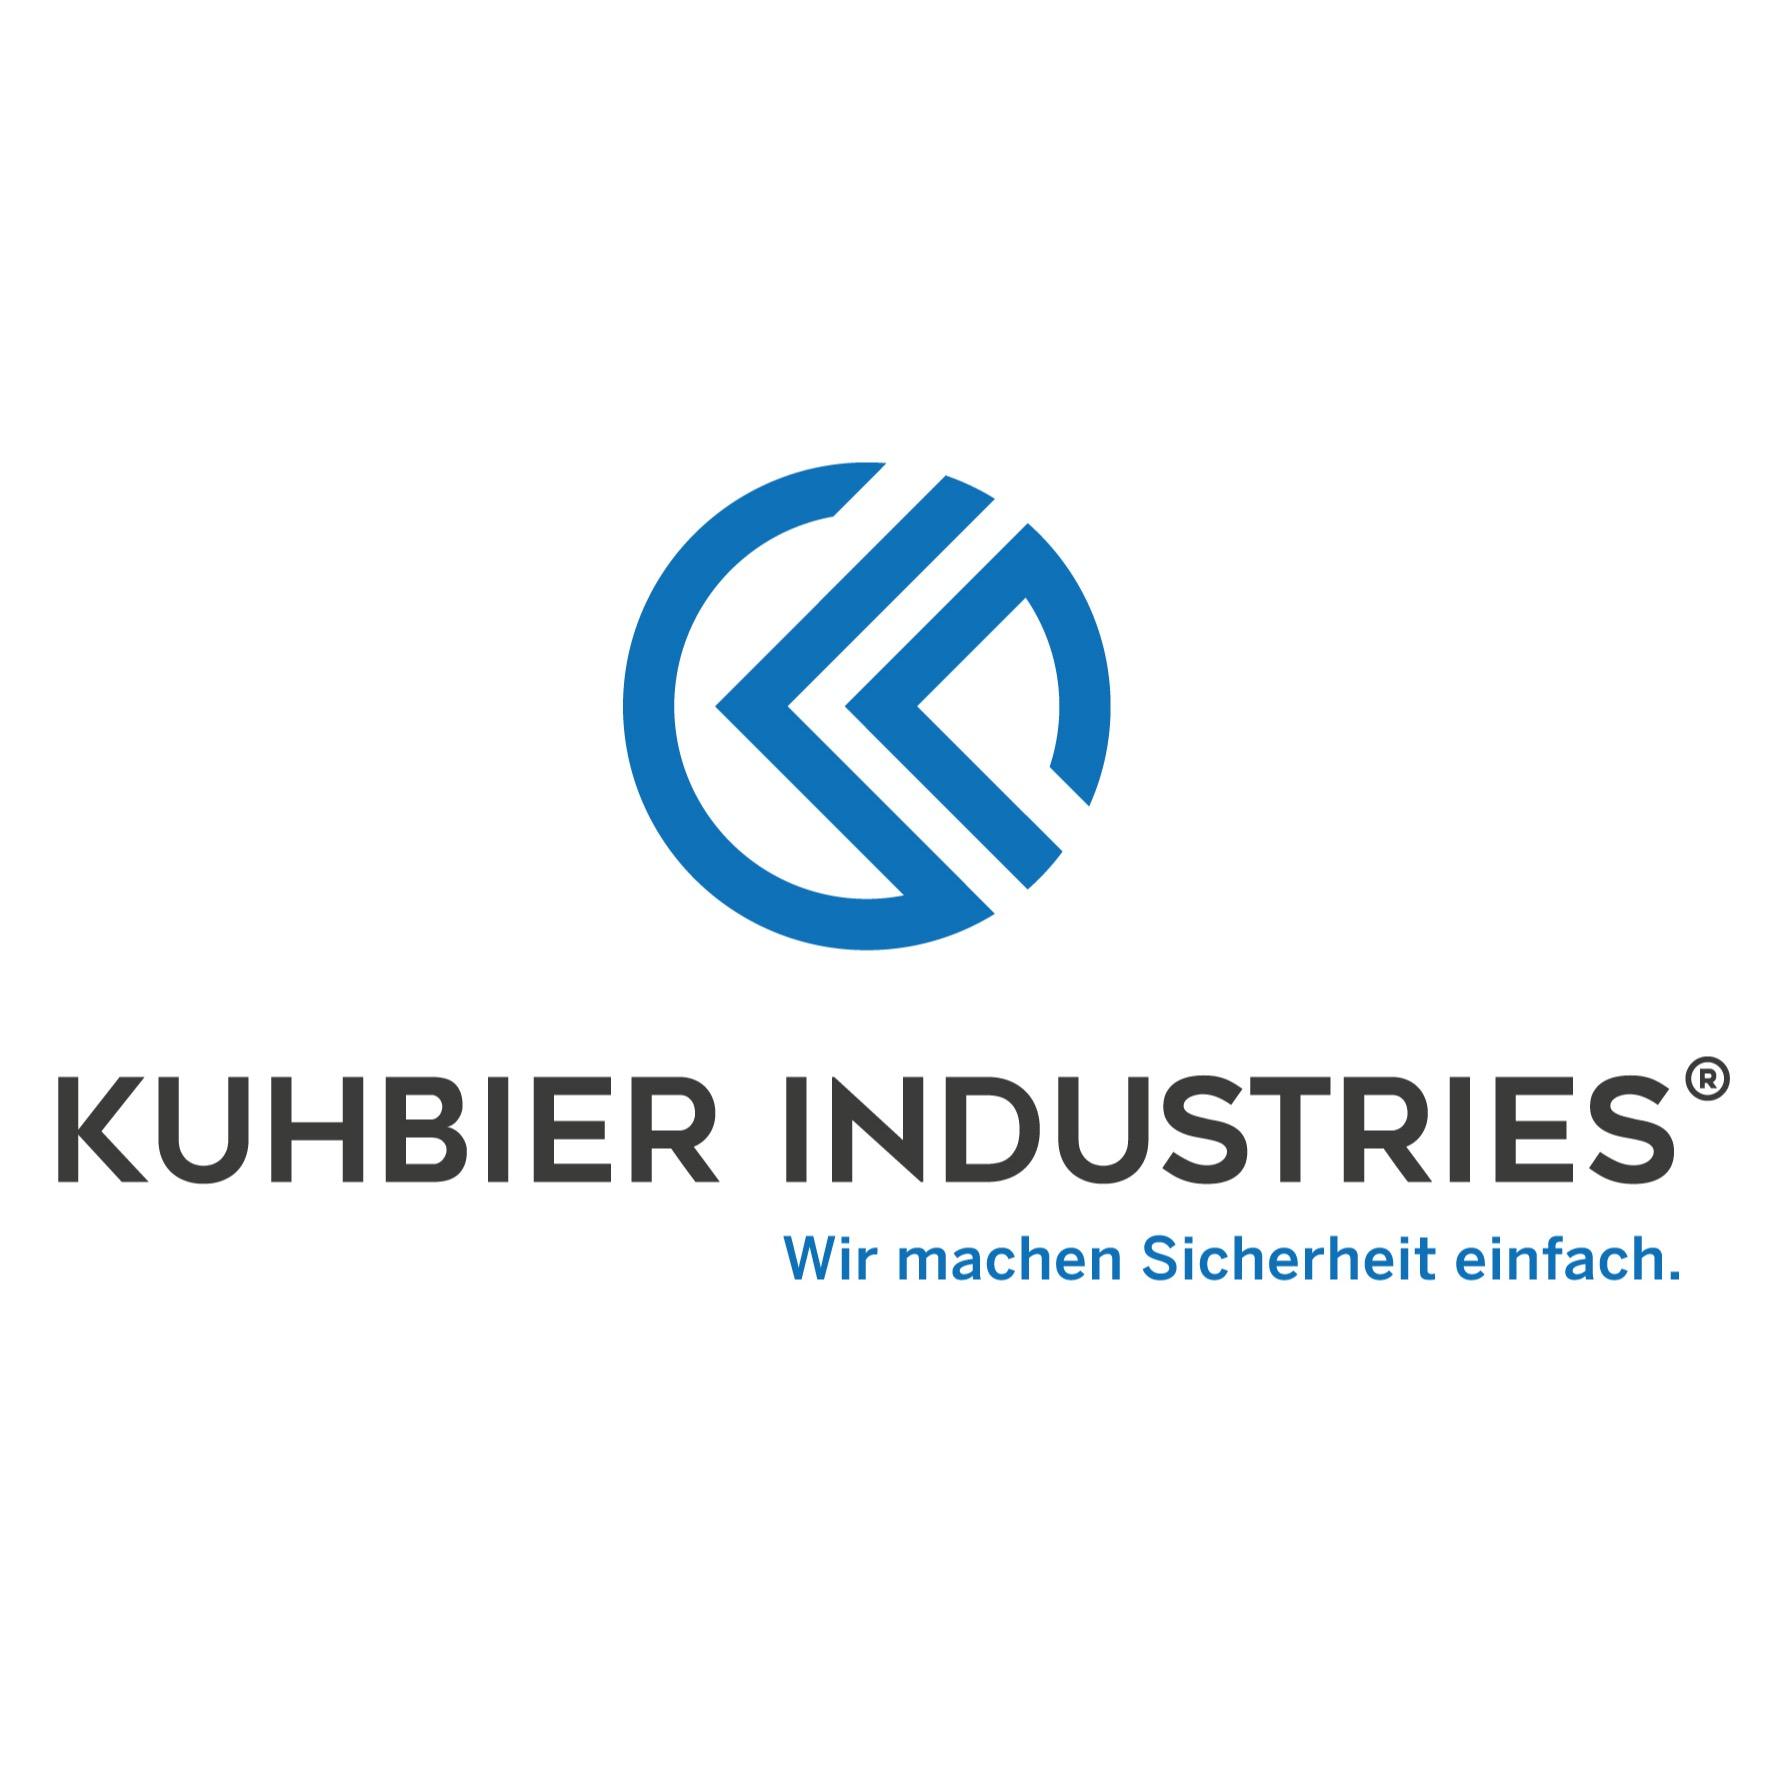 Bild zu KUHBIER INDUSTRIES e.K. - Alarmanlagen, Videoüberwachung, Brandmeldetechnik, Rauchwarnmelder, Fahrzeugortung und individuelle Lösungen in Wuppertal